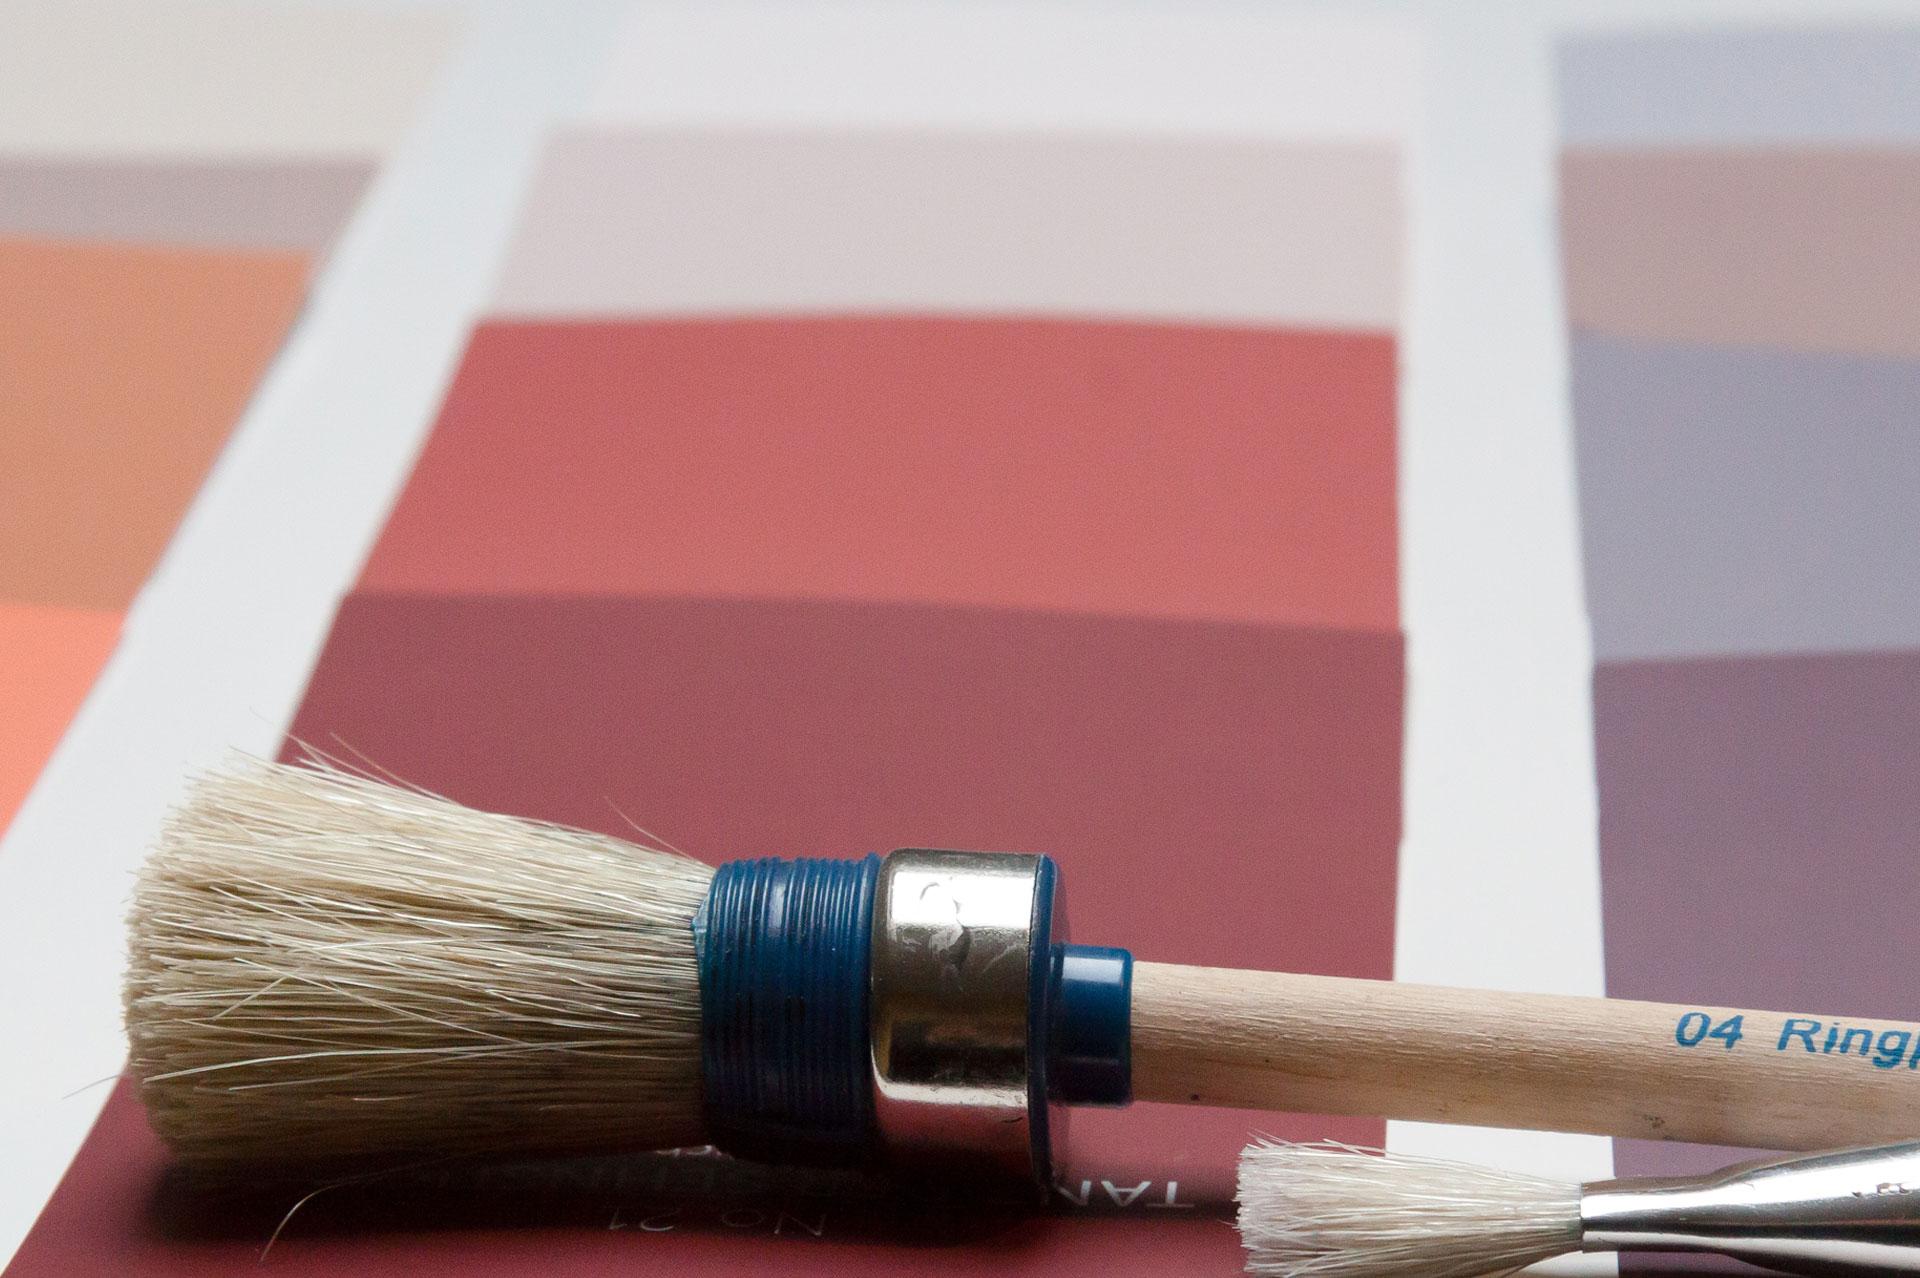 Wohnraumgestaltung Dekorative Beschichtungen Tapezierarbeiten Zierprofile Lackierungen Anstriche